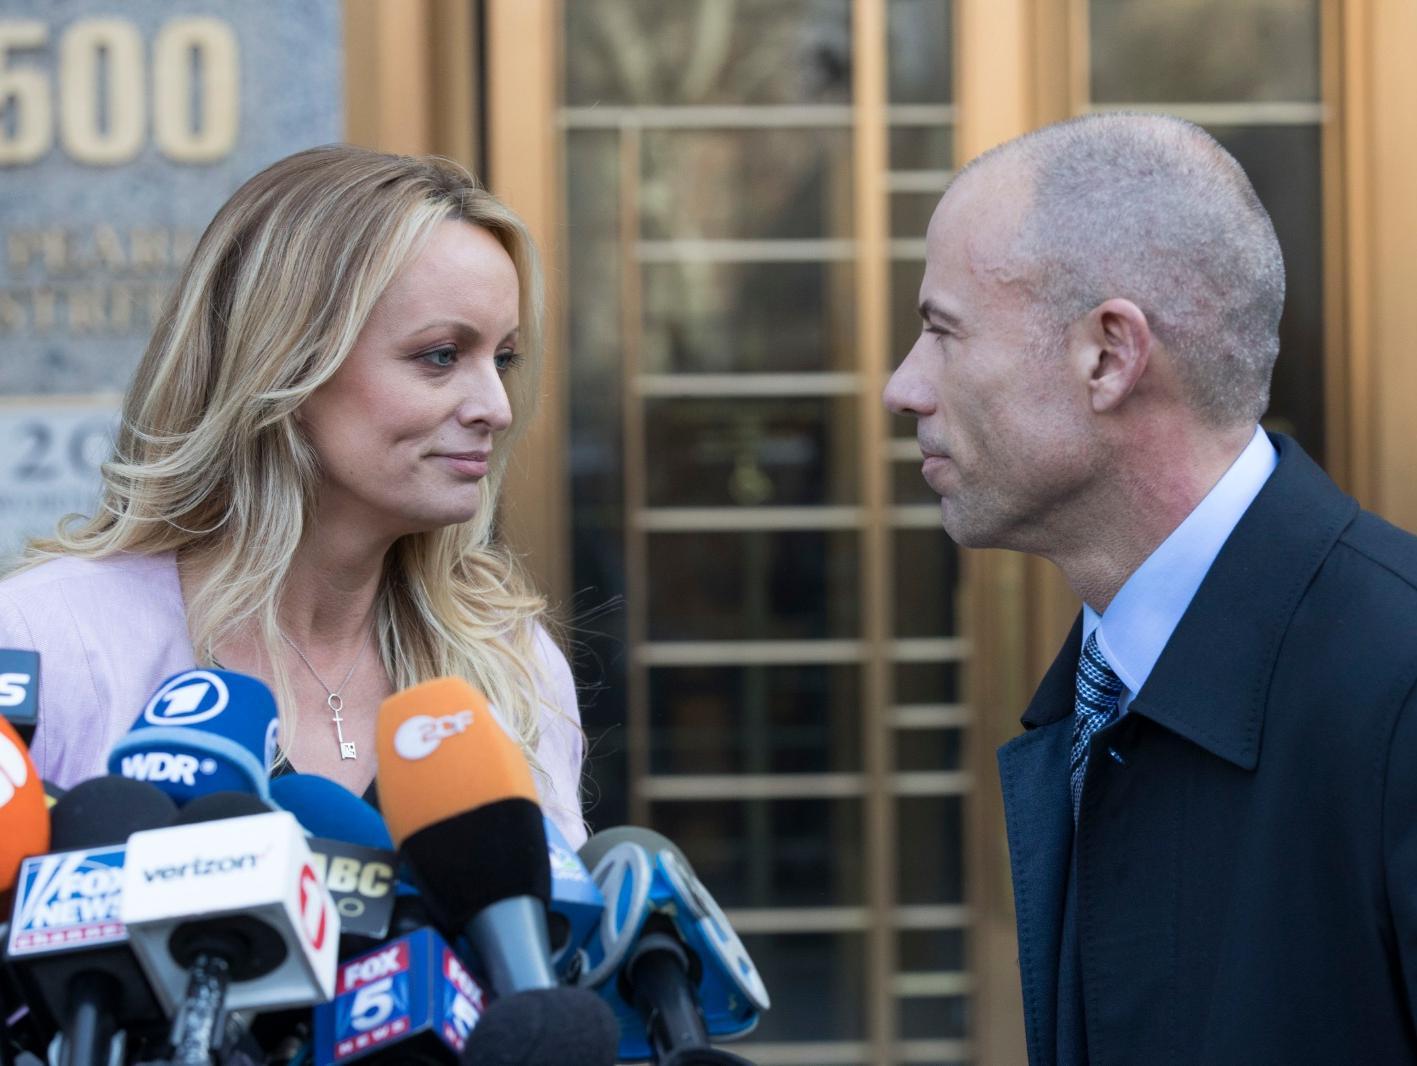 פרקליט שחקנית הפורנו שתובעת את טראמפ חשוד בתקיפת אישה